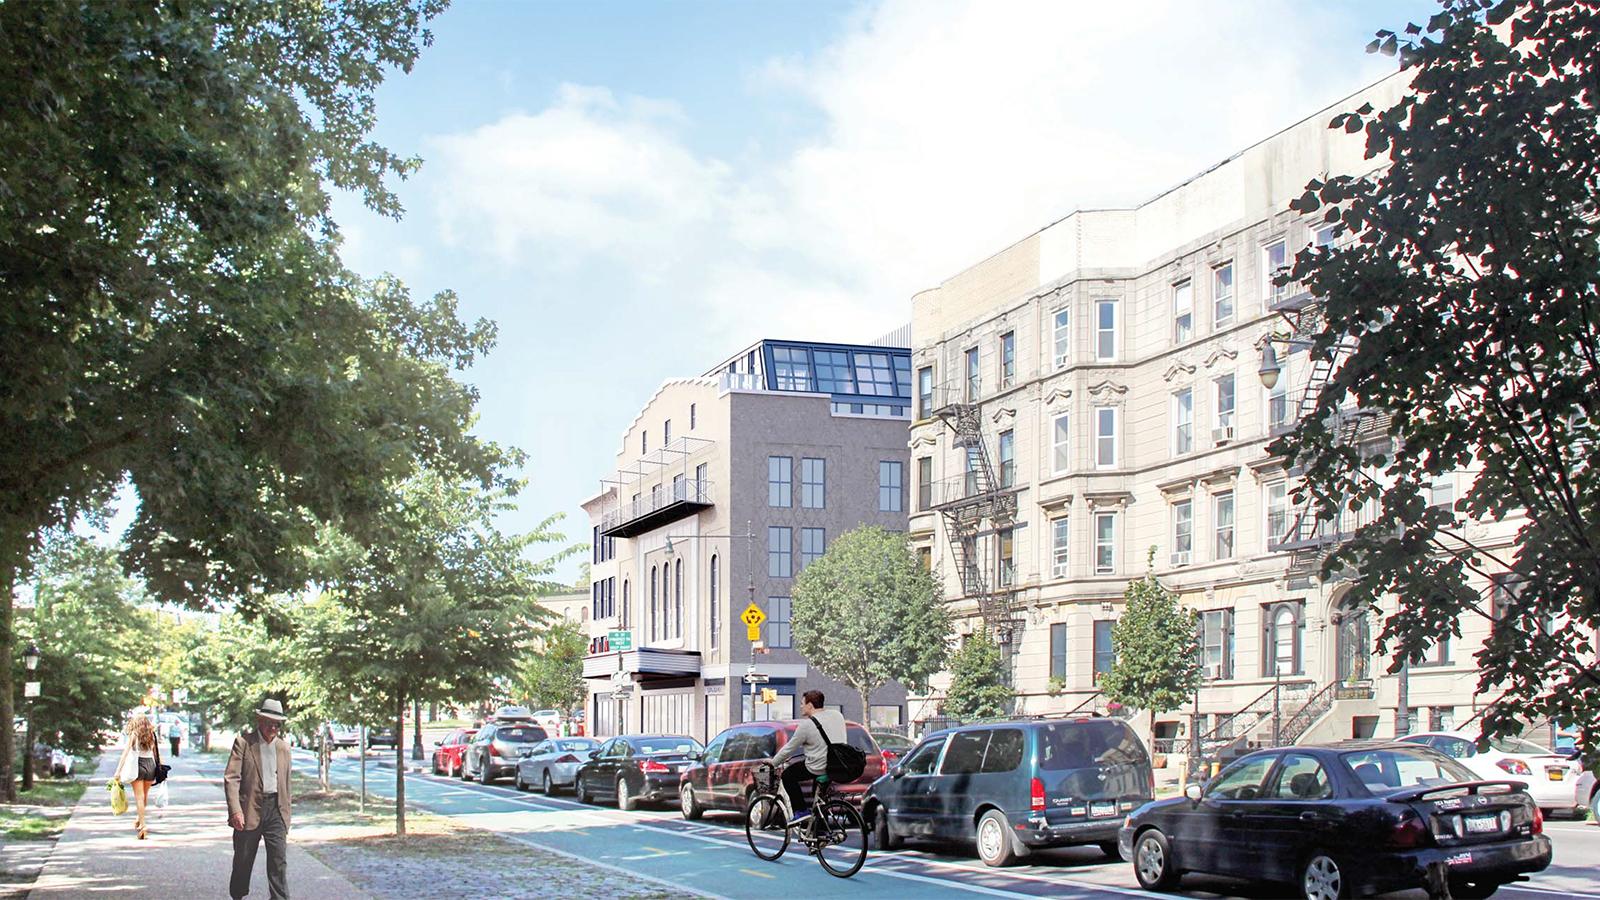 Pavilion Theater Apartments, 188 Prospect Park West